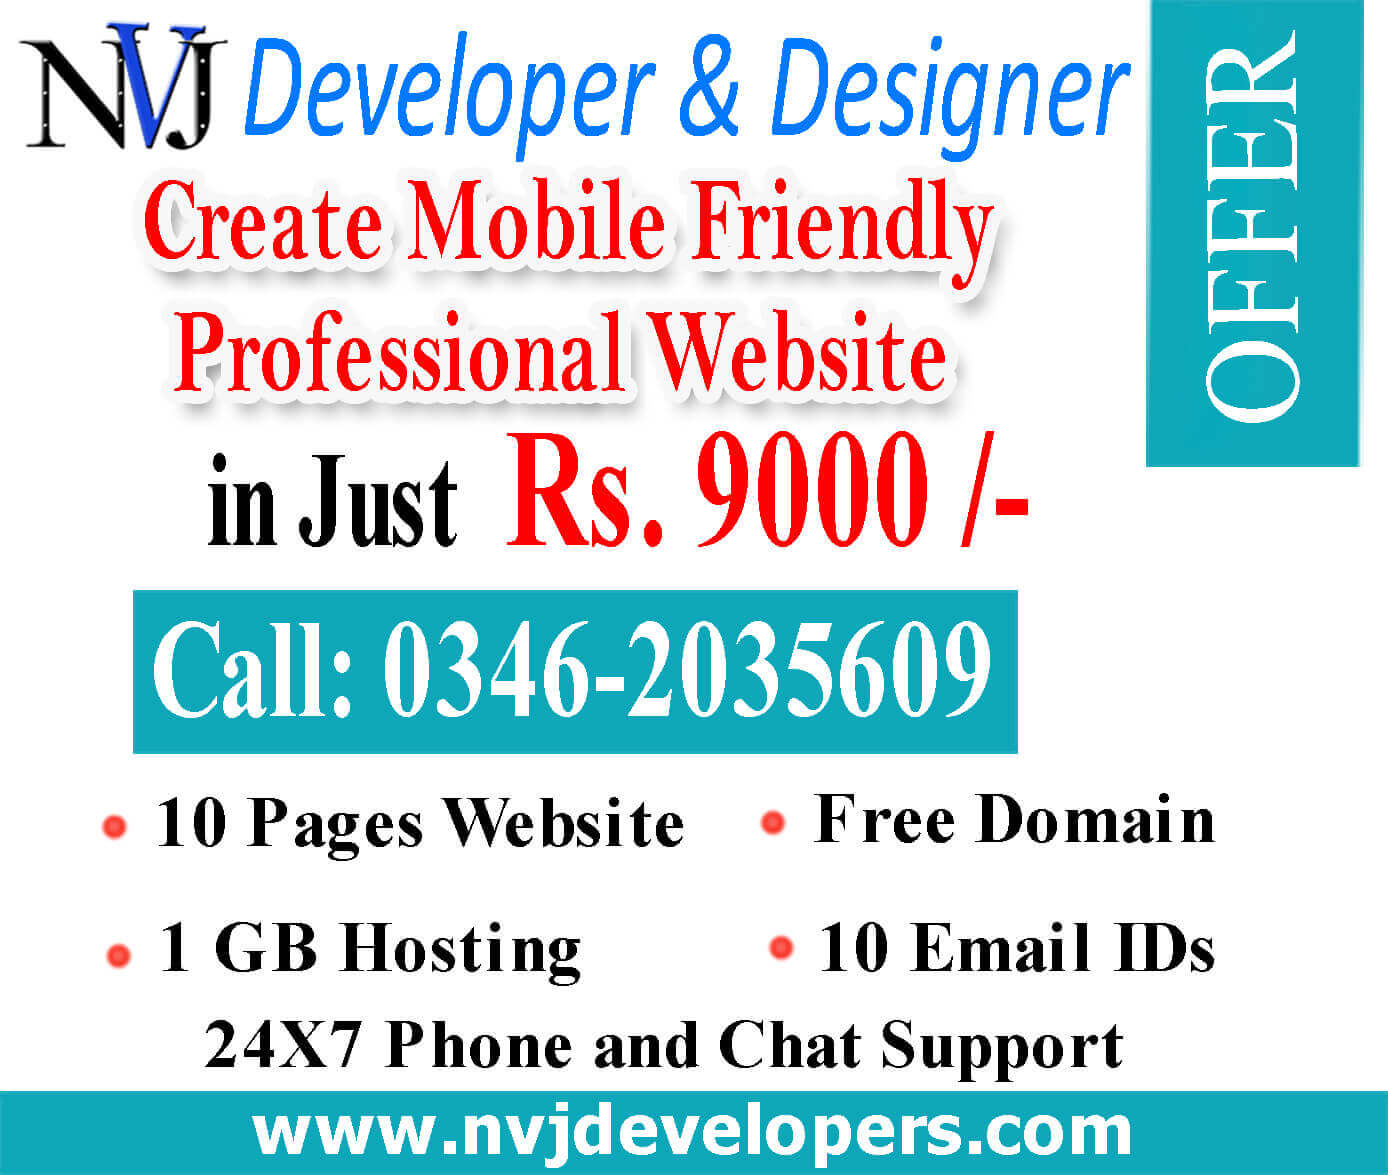 nvj-developers-advertisement-banner